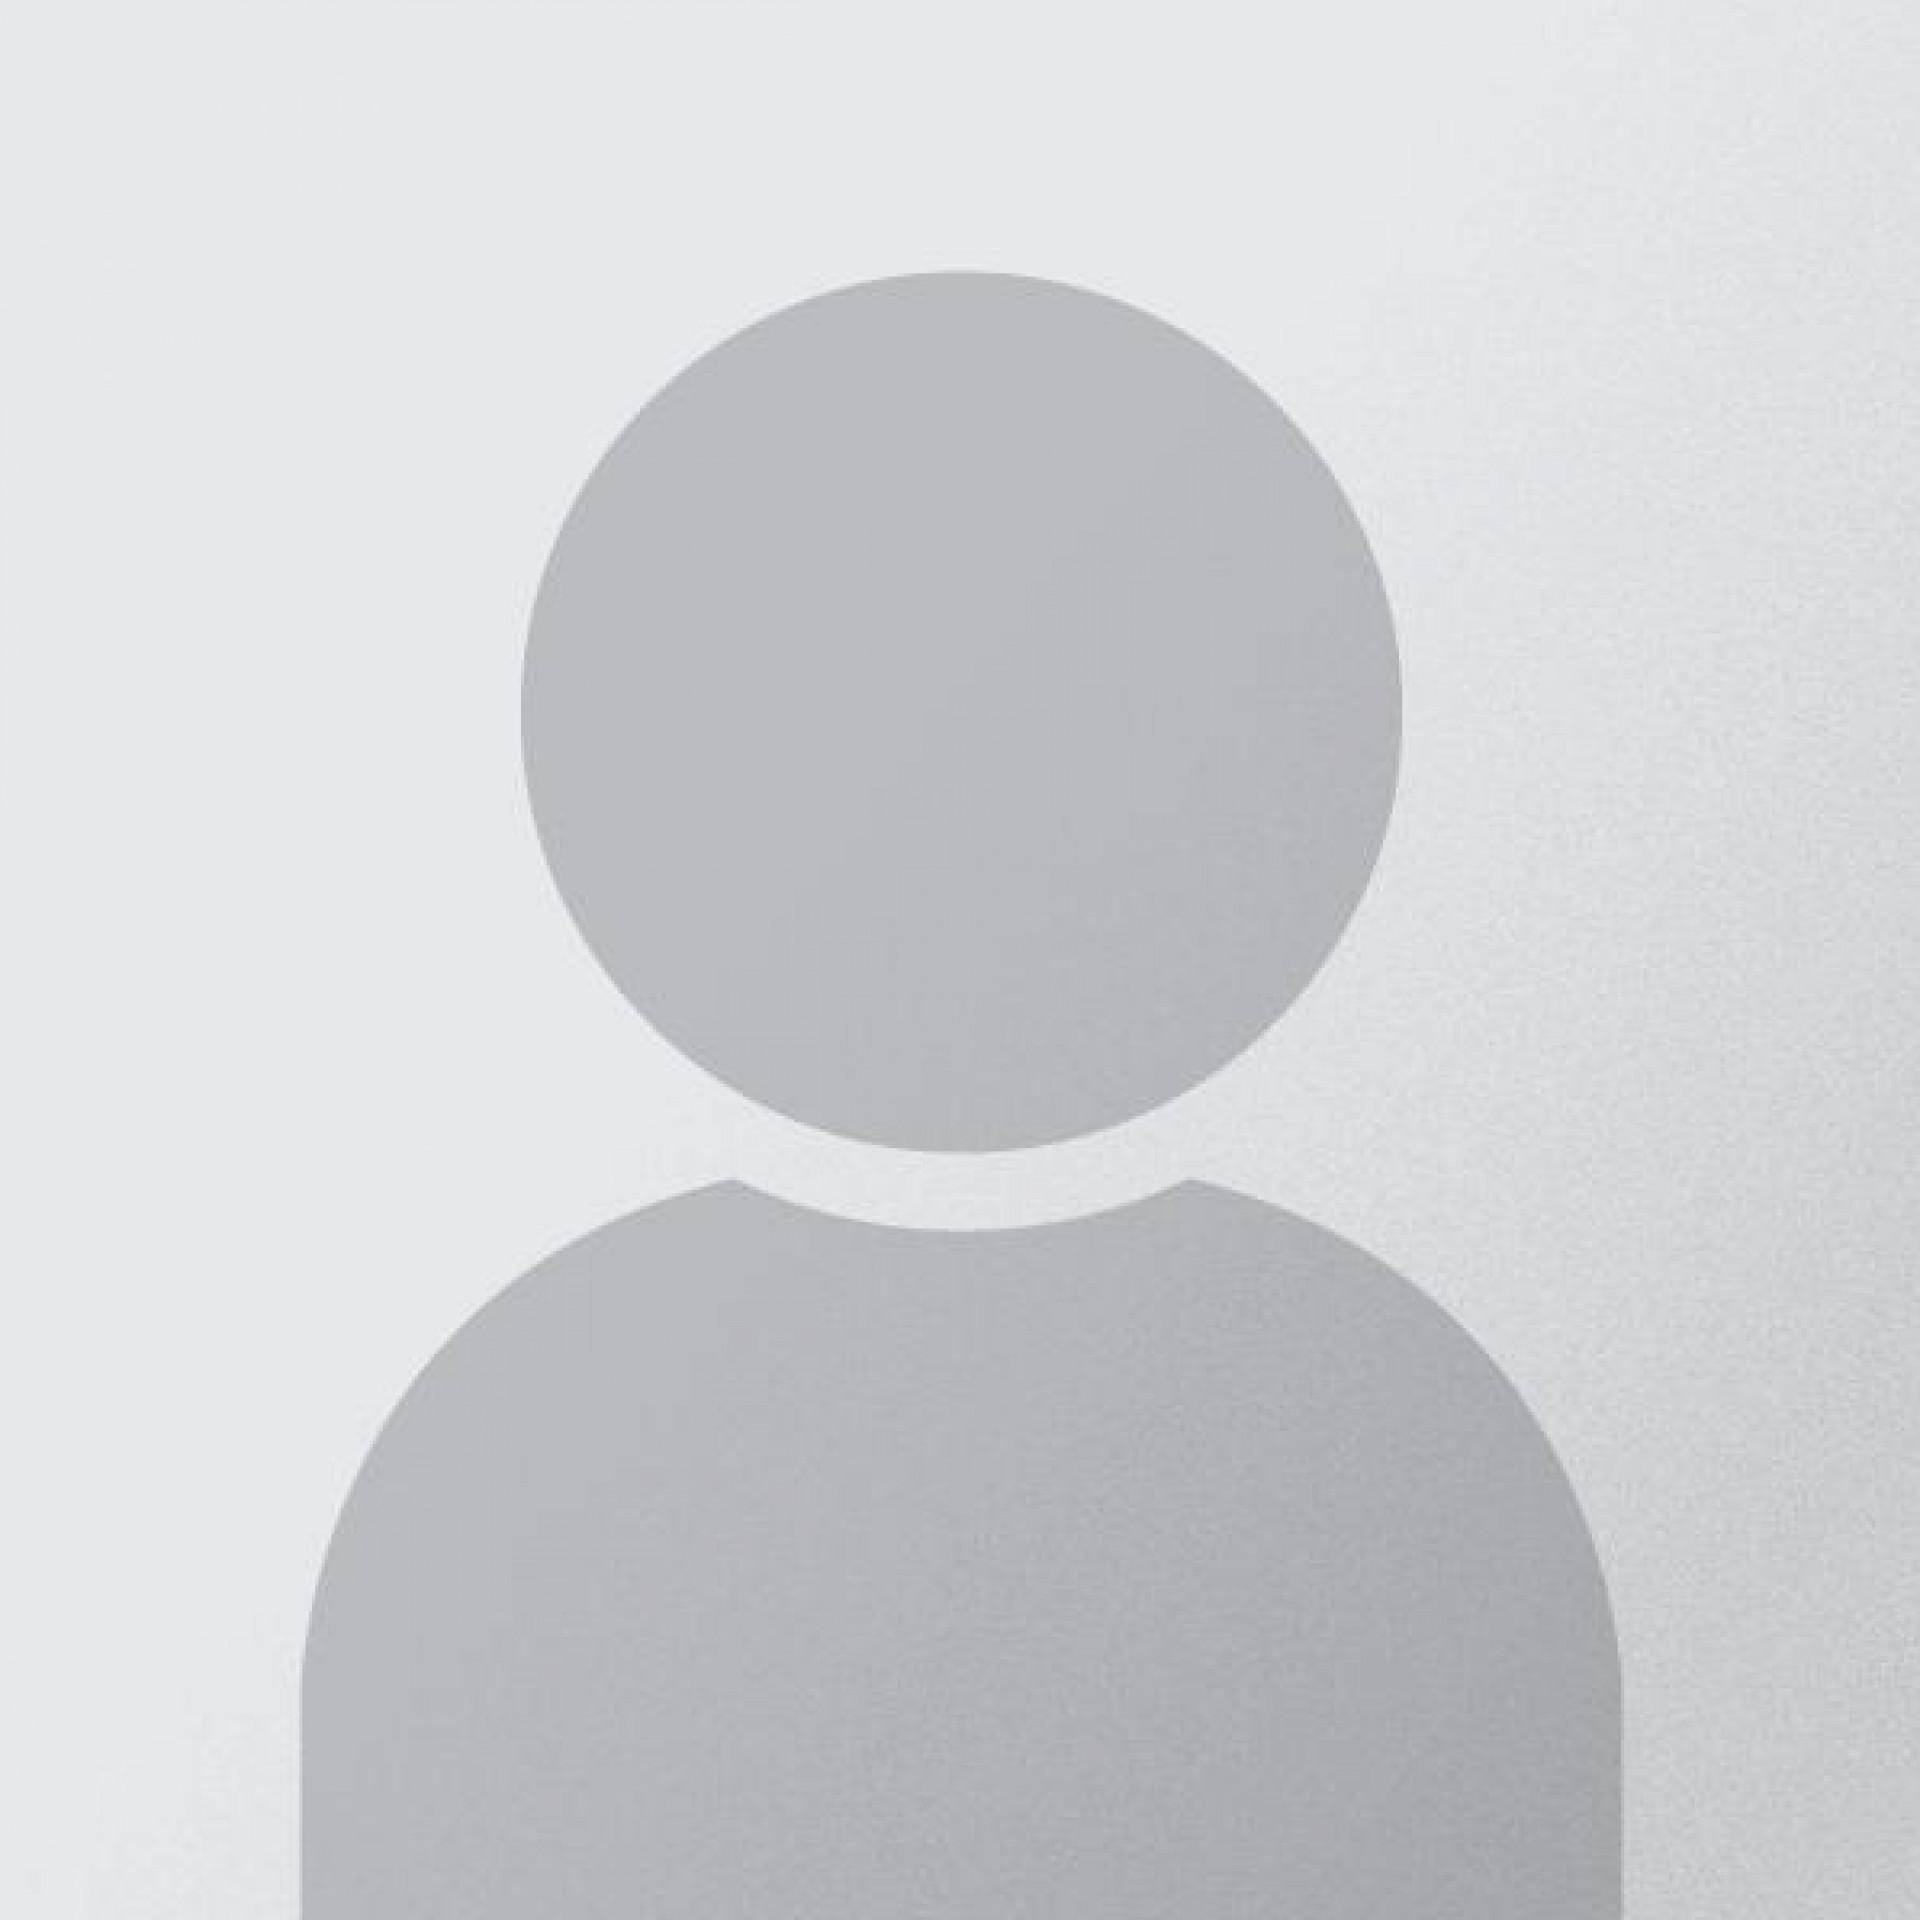 fotografia p021 profilu 0101G1B6W5